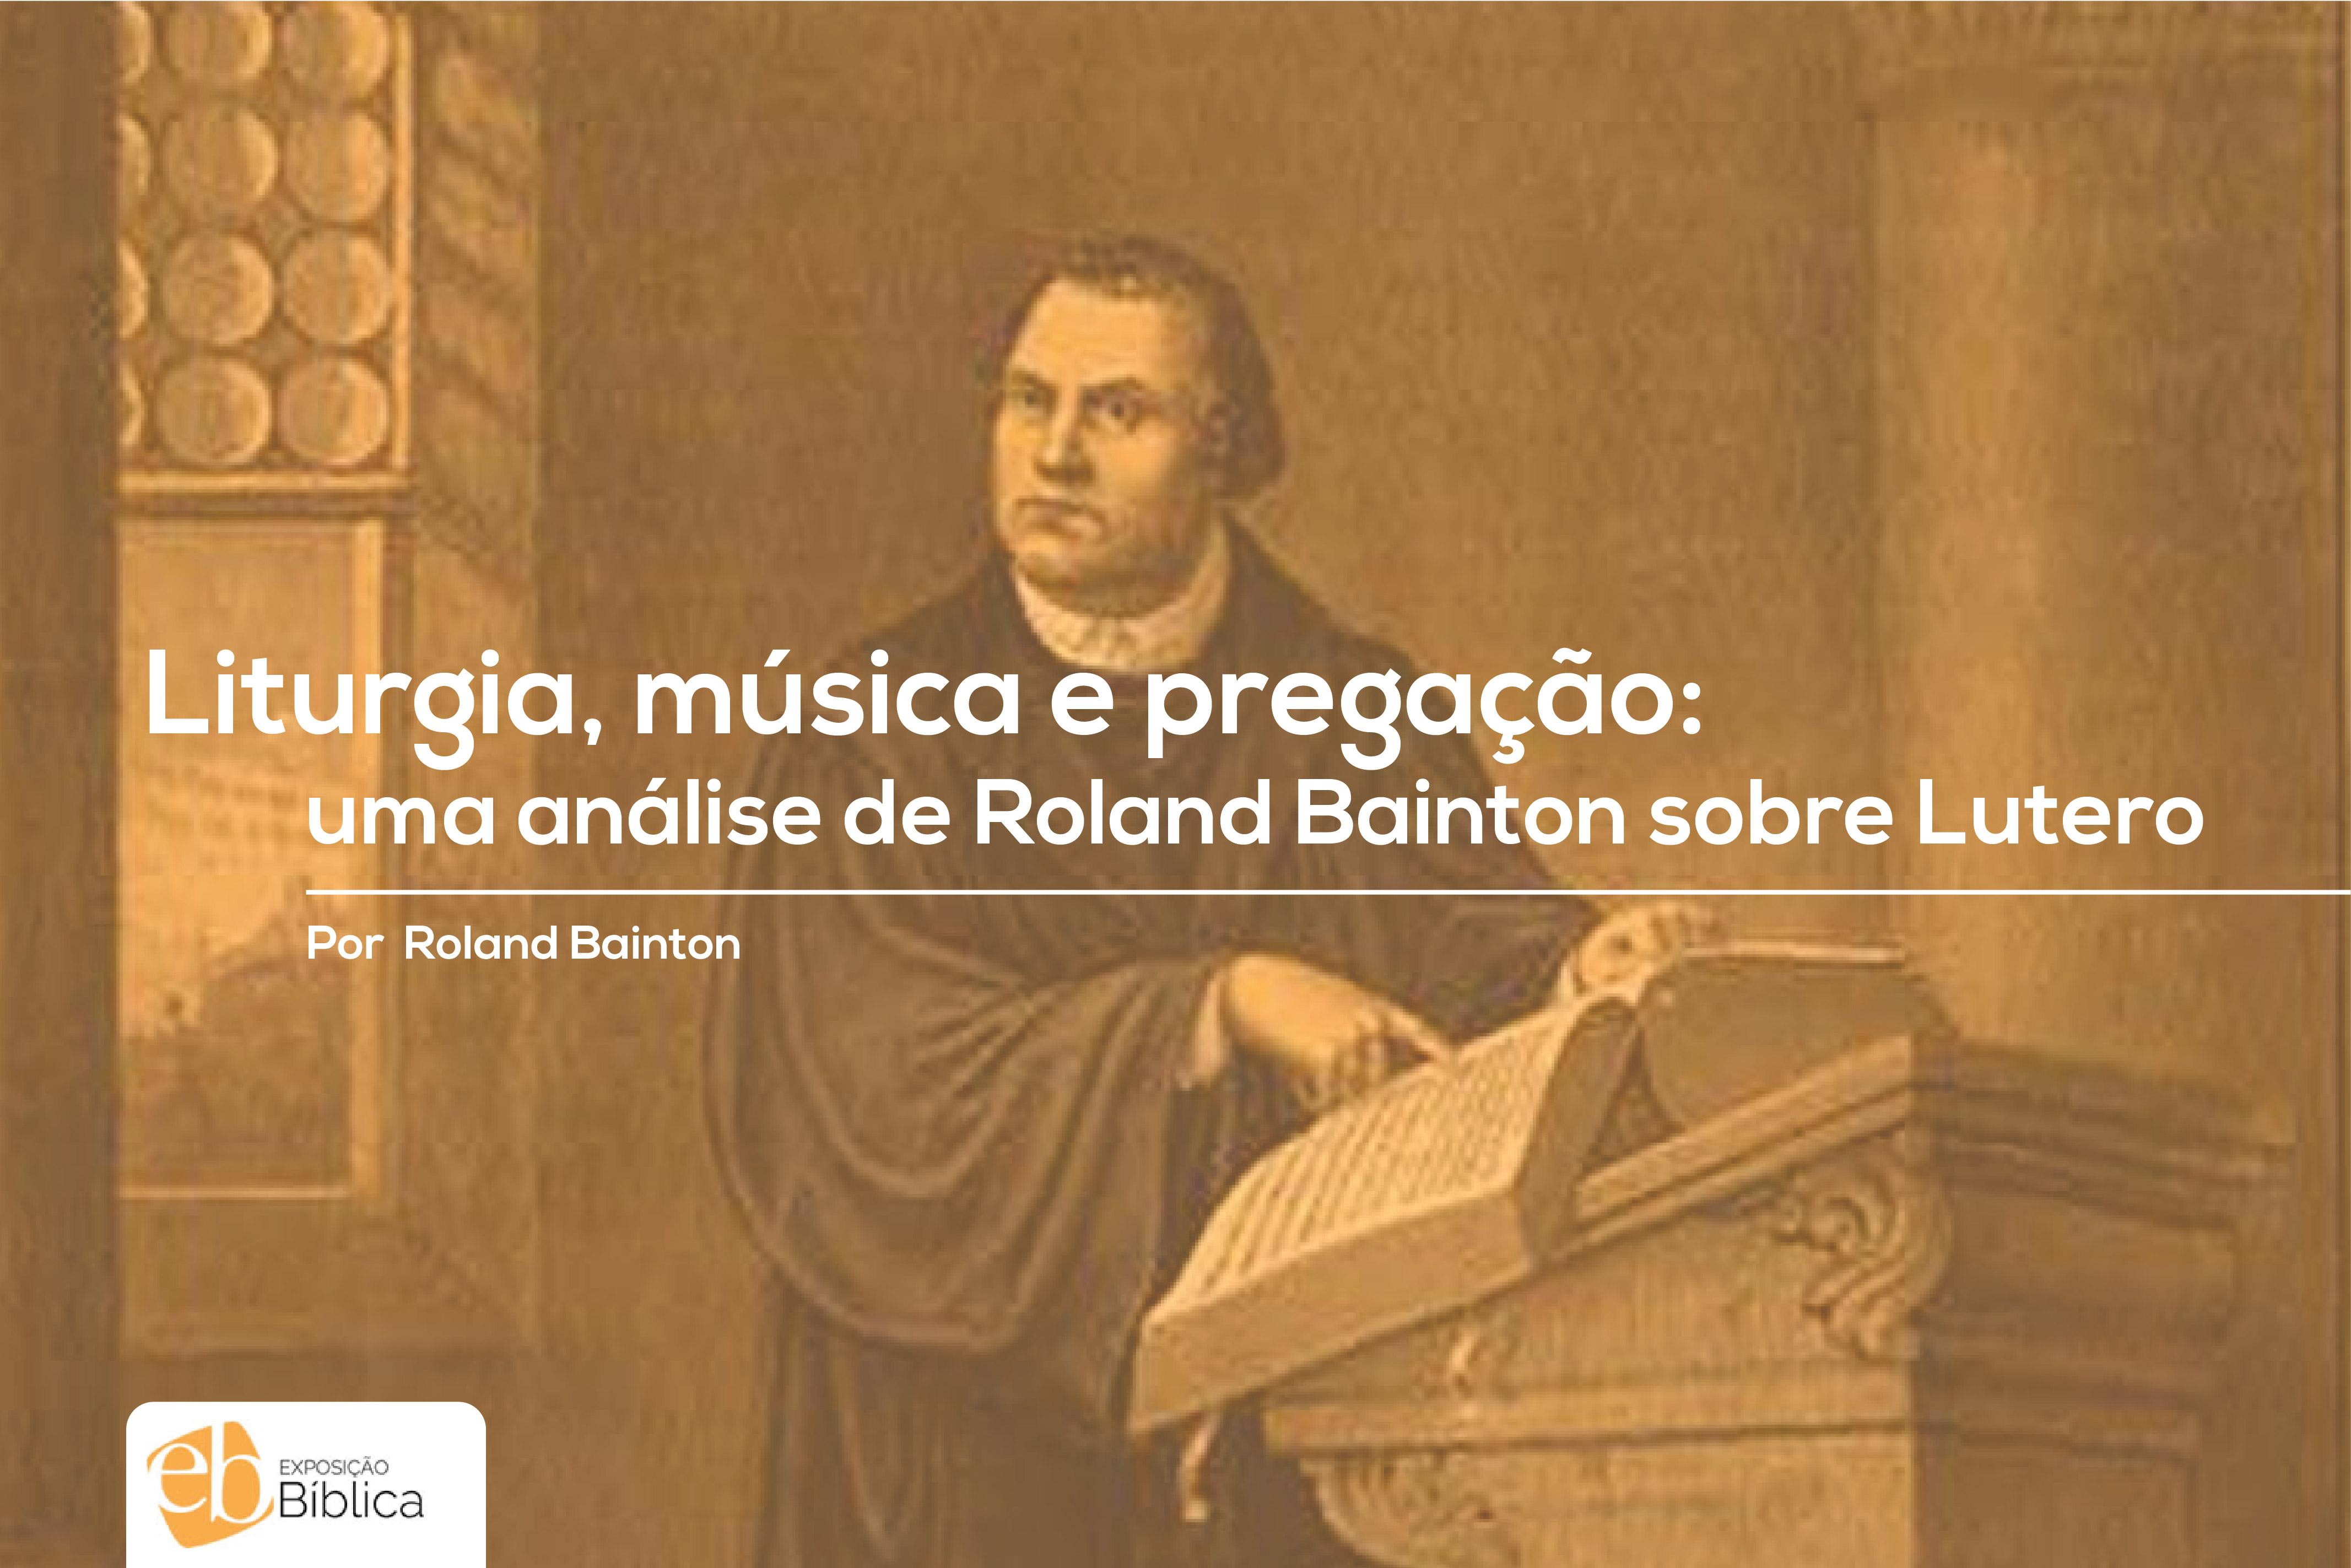 Liturgia, música e pregação: Uma análise de Roland Bainton sobre Lutero